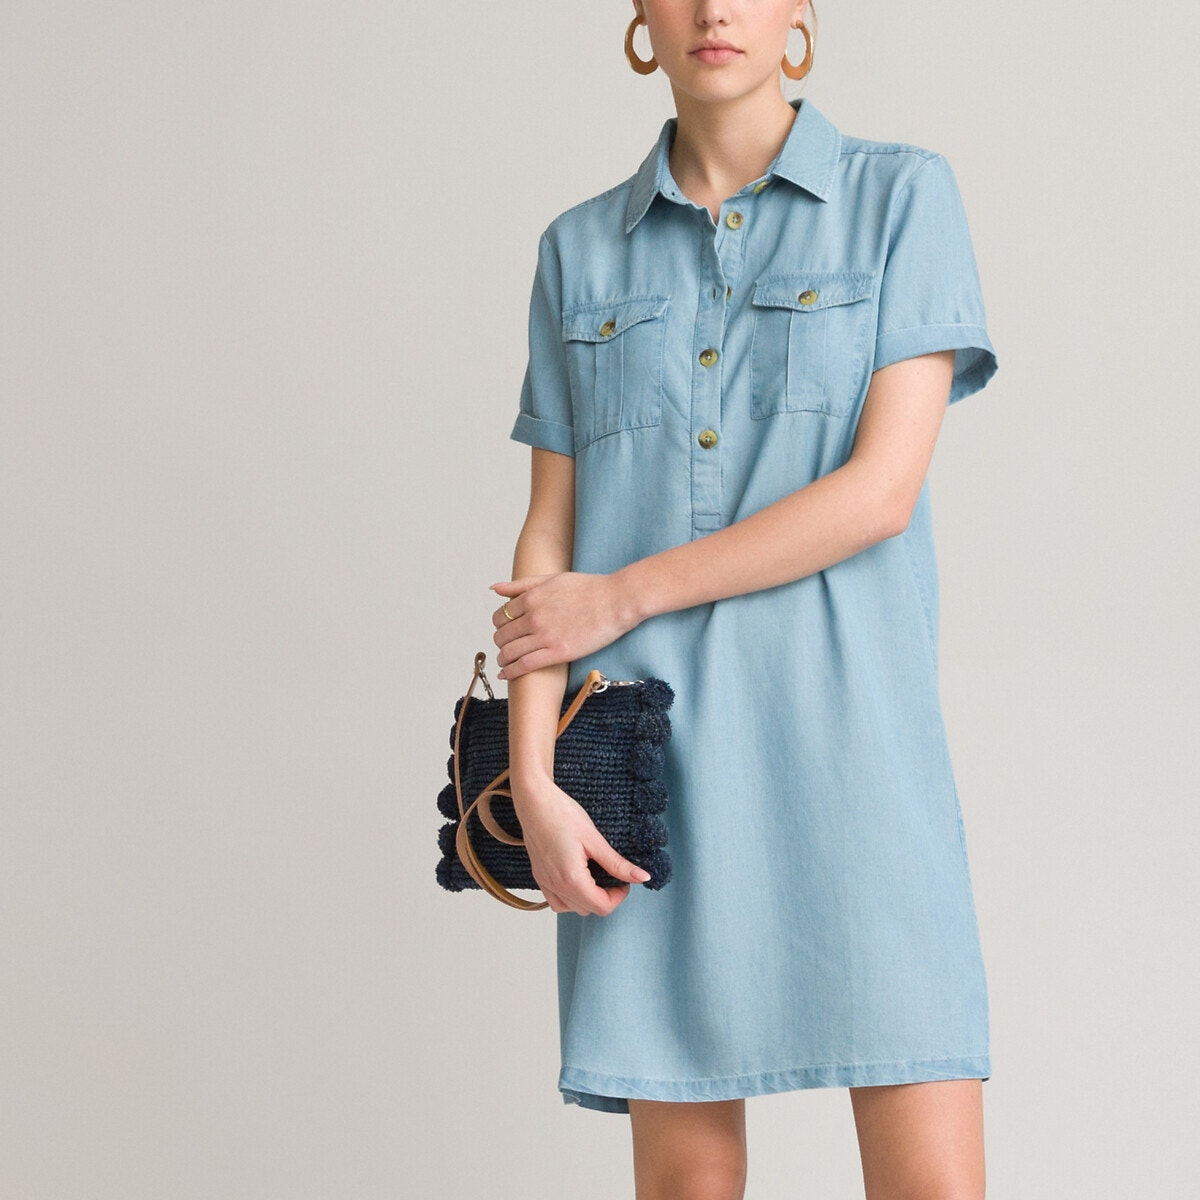 Κοντομάνικο φόρεμα από lyocell σε ίσια γραμμή